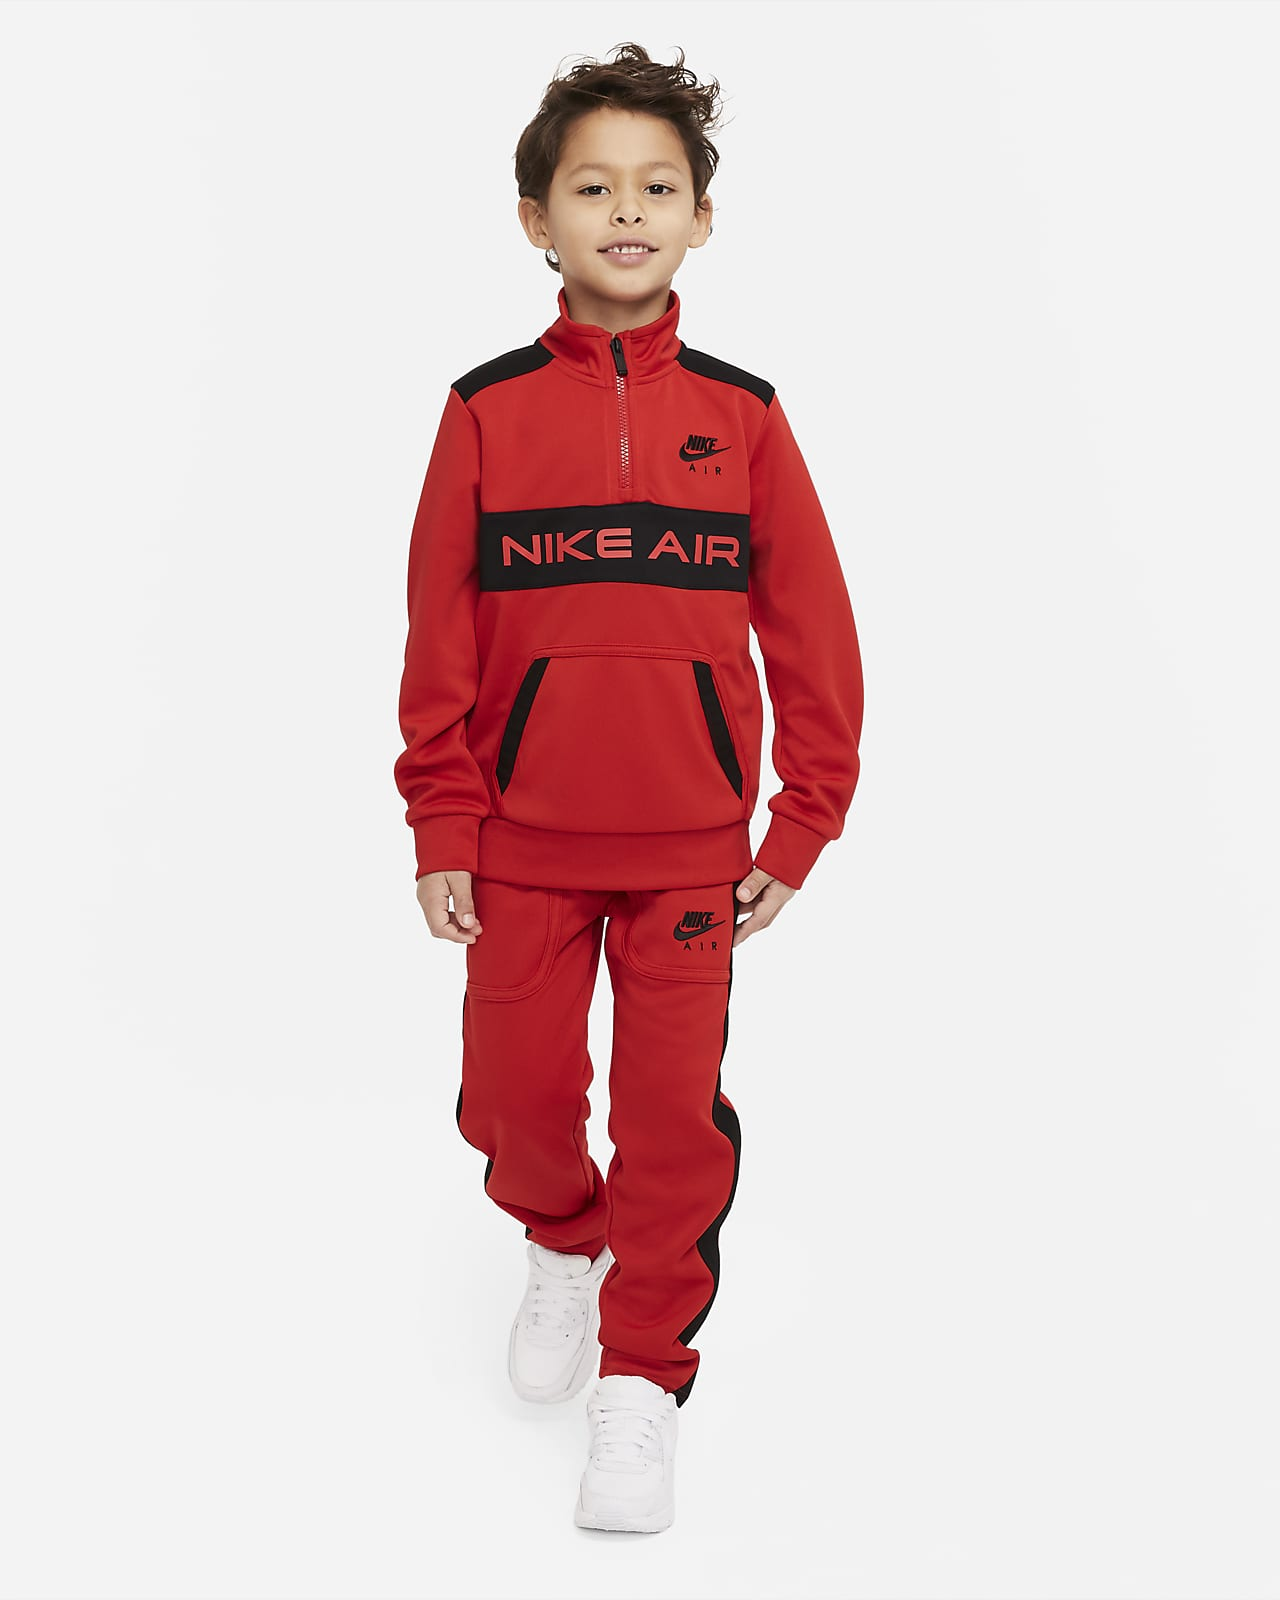 Nike Air Set aus Oberteil und Jogger für jüngere Kinder